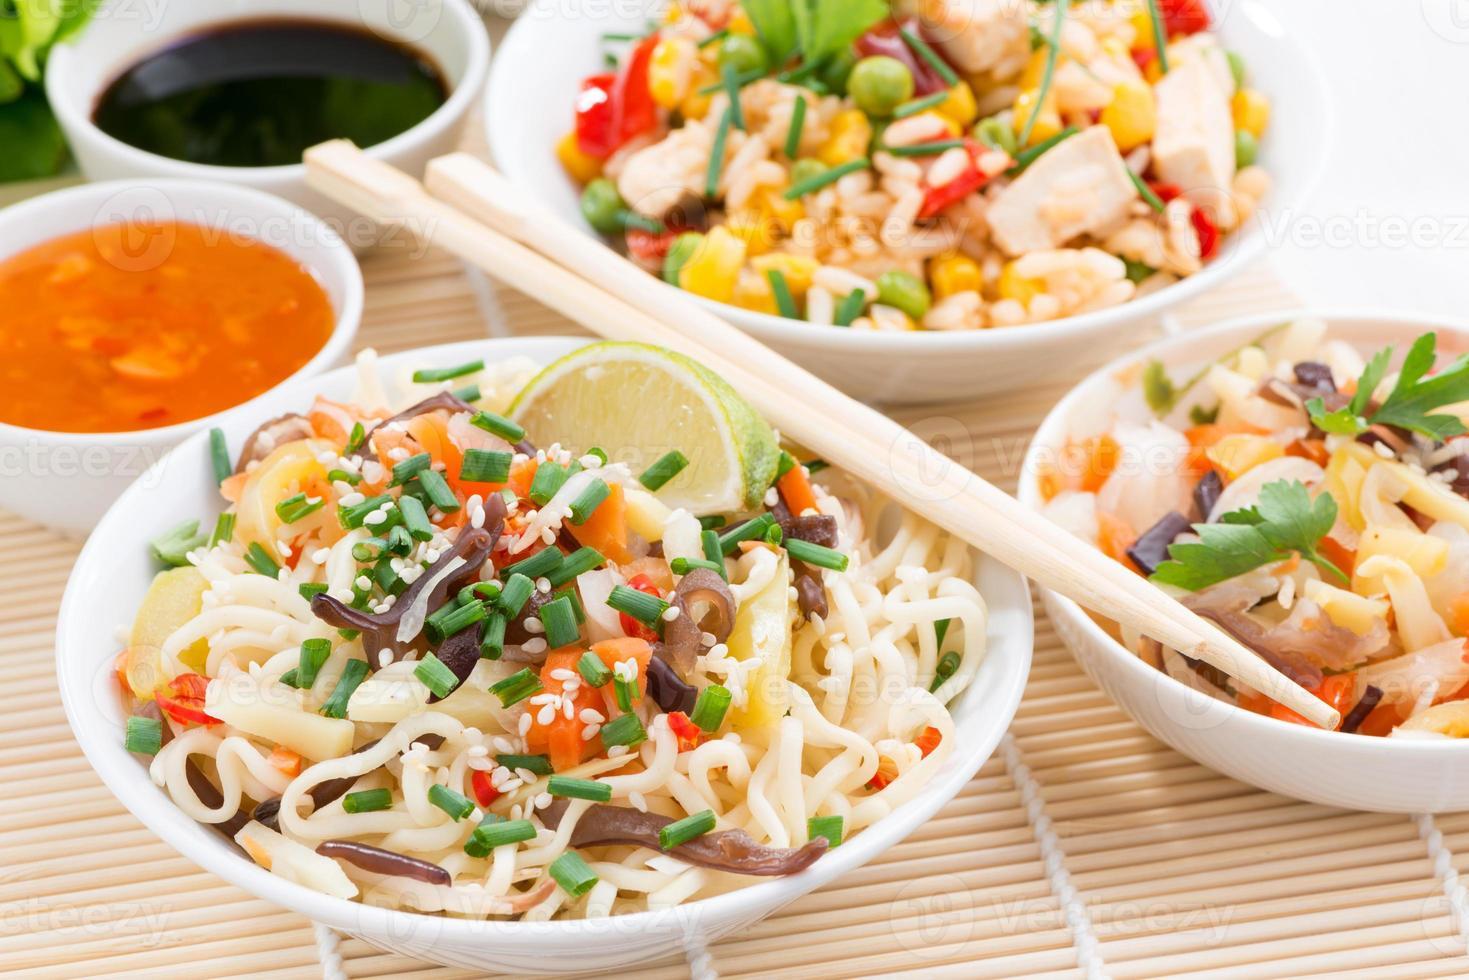 cuisine asiatique - nouilles aux légumes et légumes verts, riz frit photo